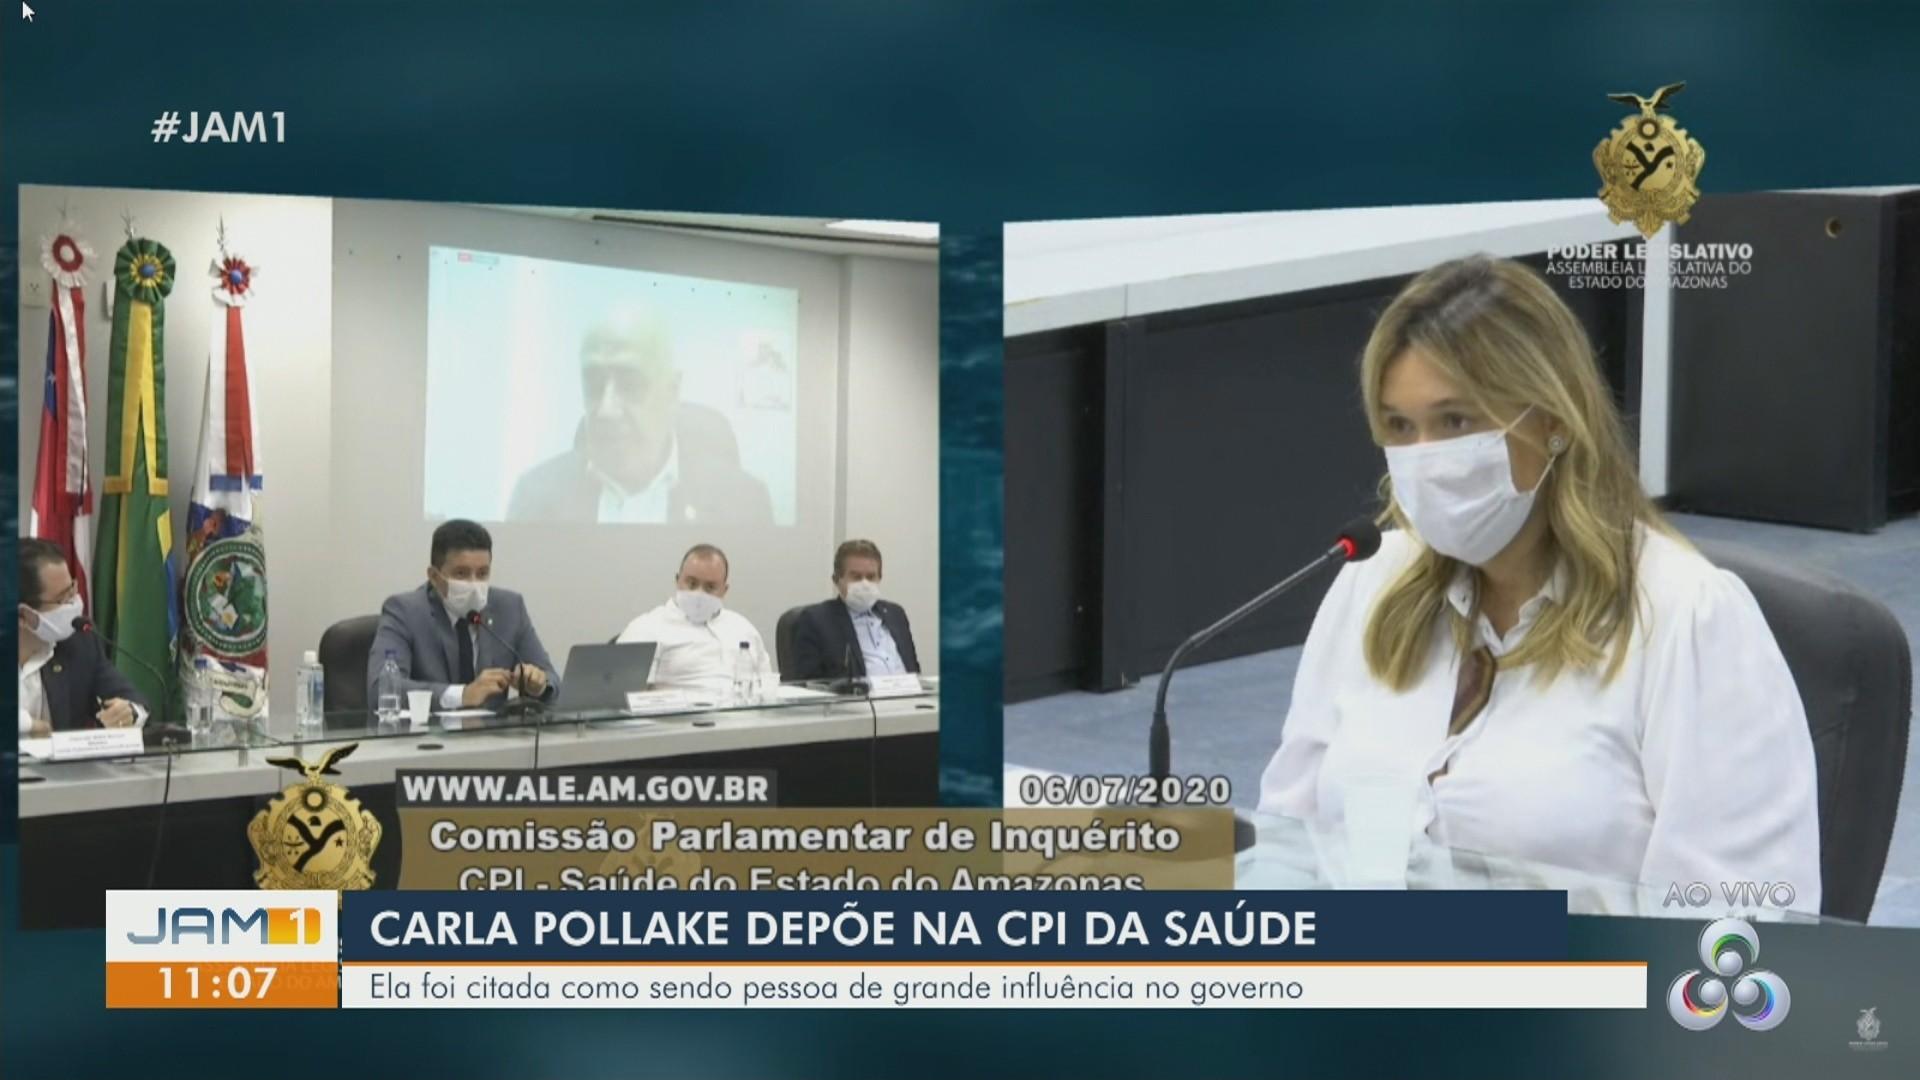 VÍDEOS: Em Manaus, Carla Pollake depõe na CPI da Saúde; Veja destaques do JAM 1